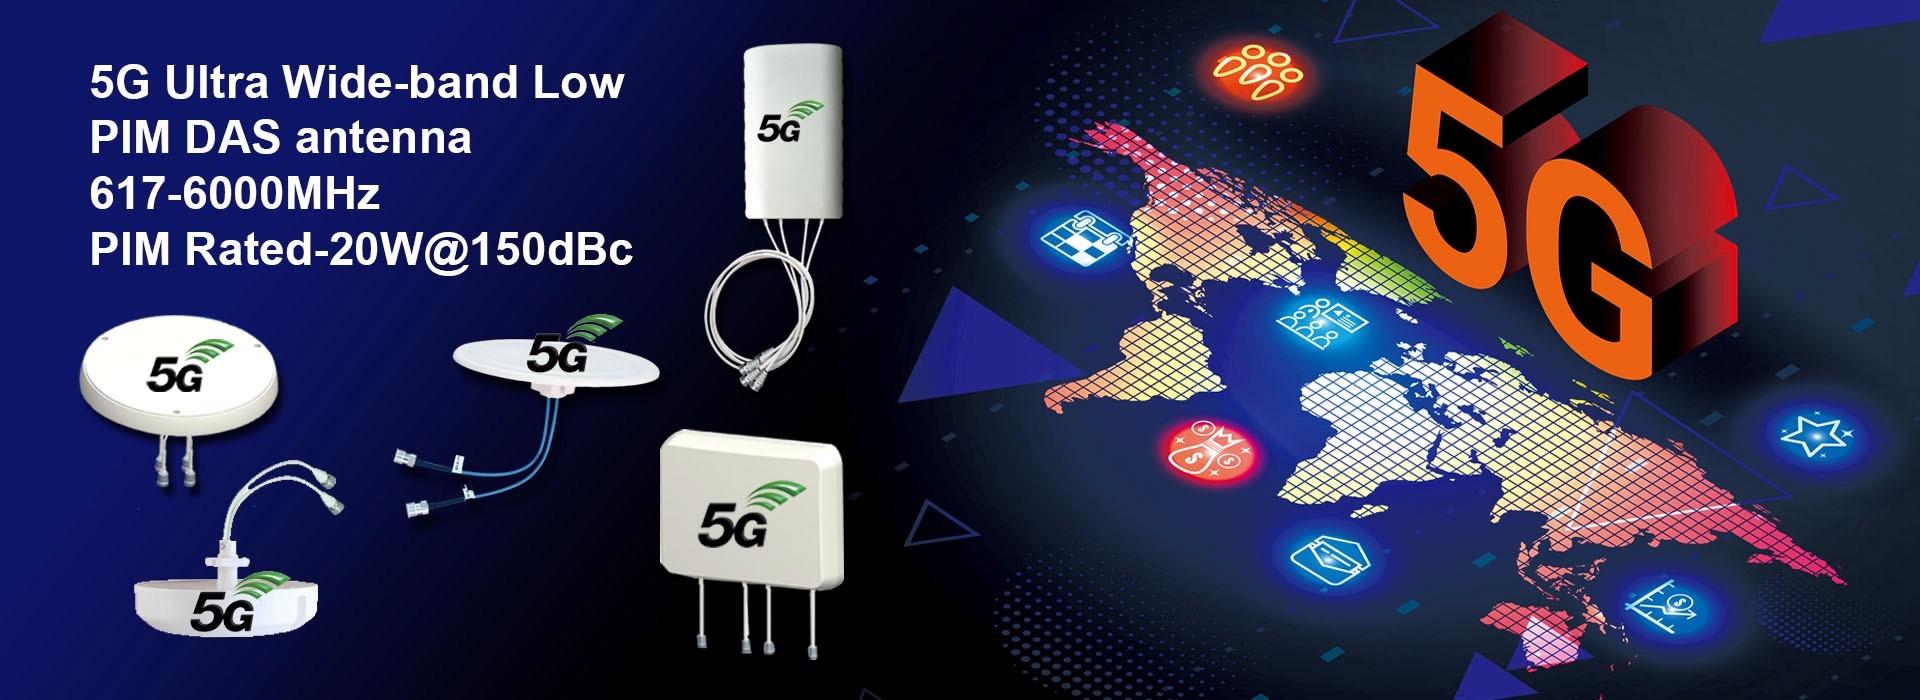 5G DAS antennas supplier